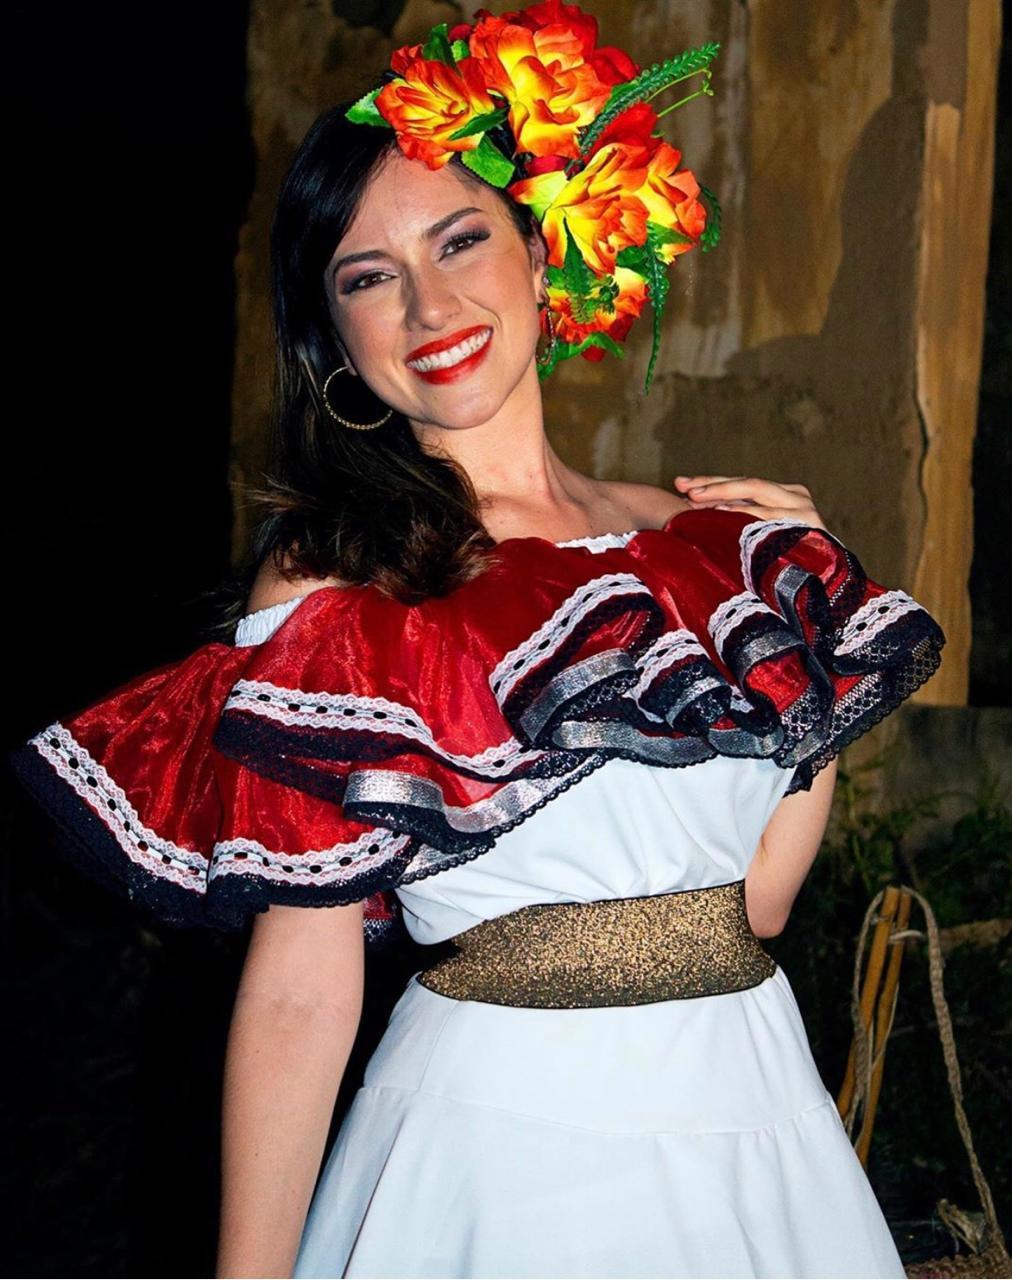 Señorita Bucaramanga